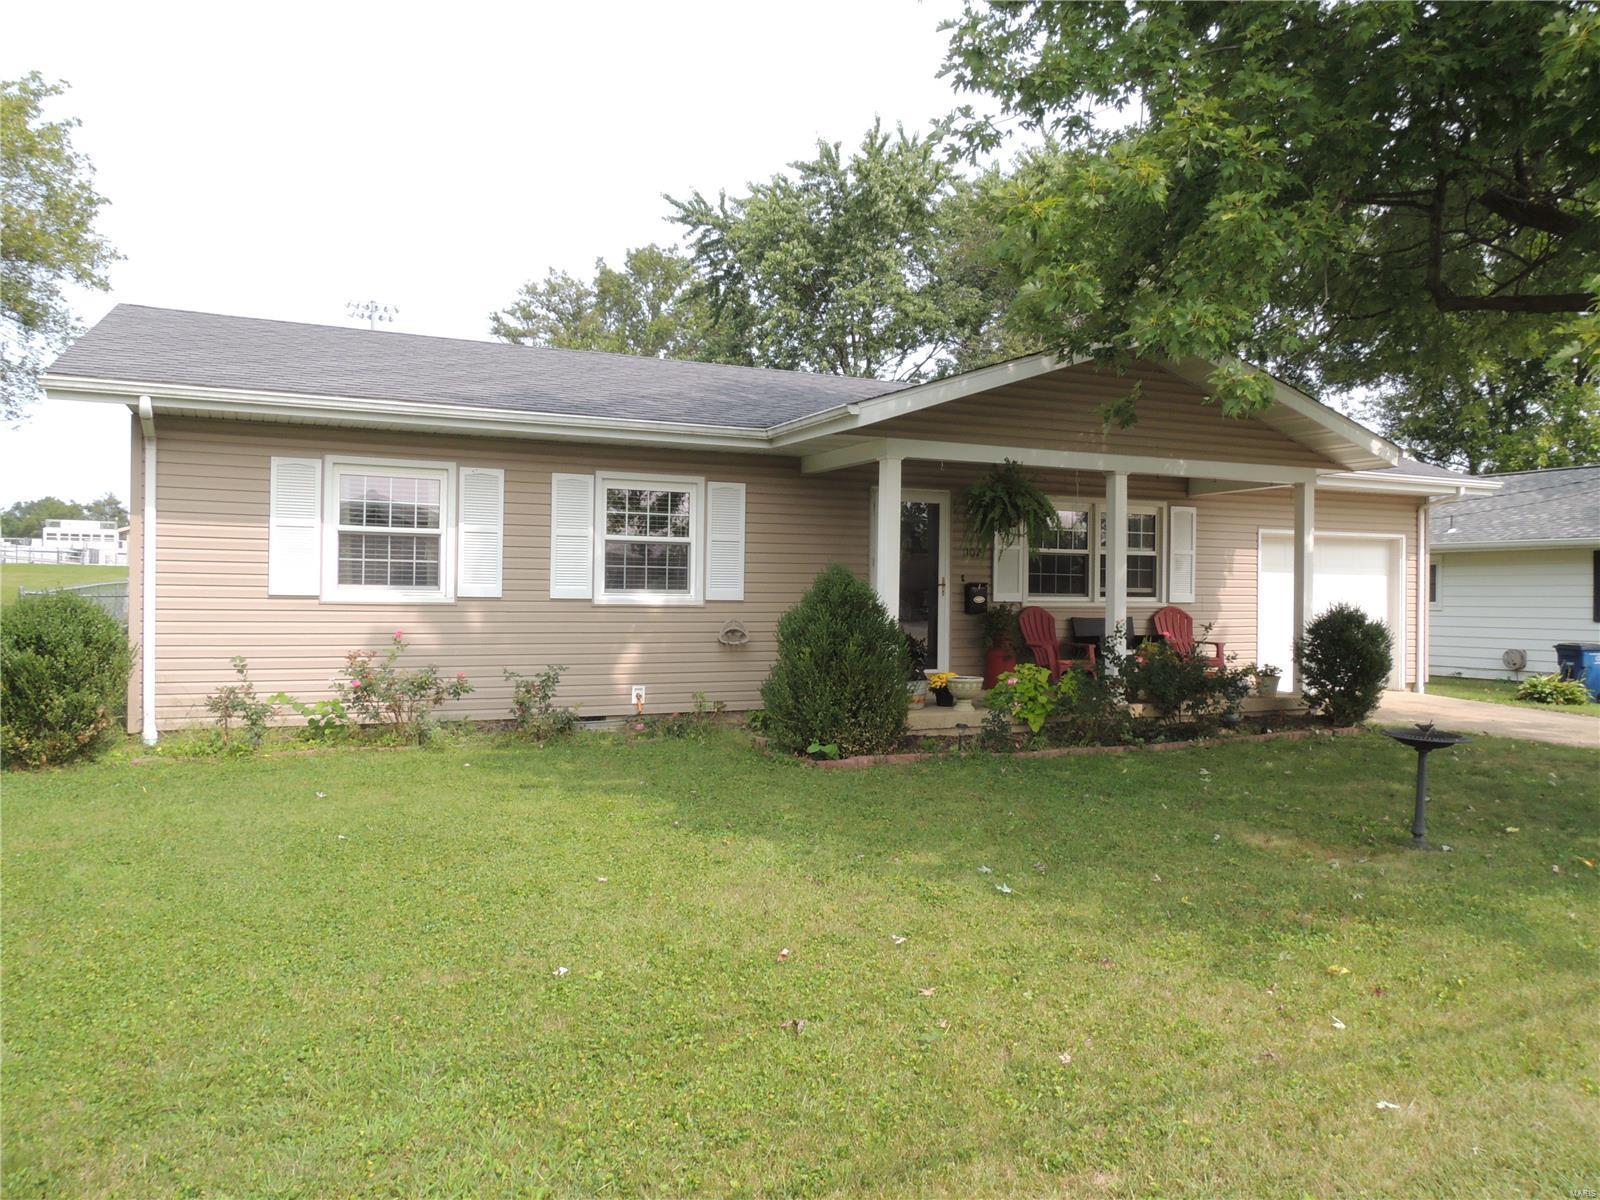 1107 Killarney Drive Property Photo - Greenville, IL real estate listing